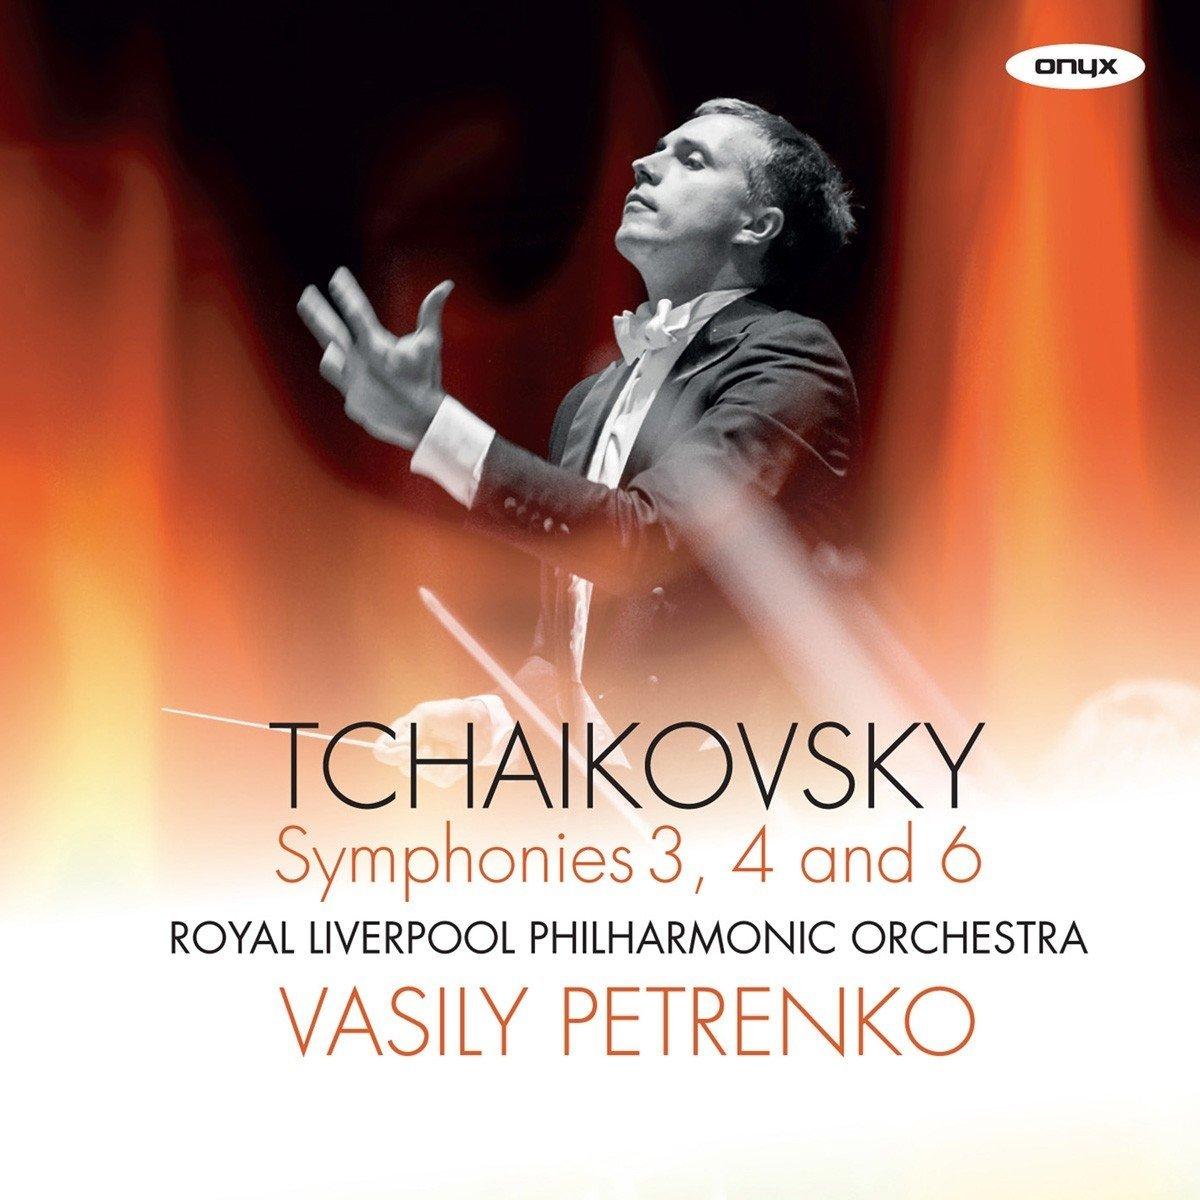 Tchaikovsky Symphonies 3 4 6